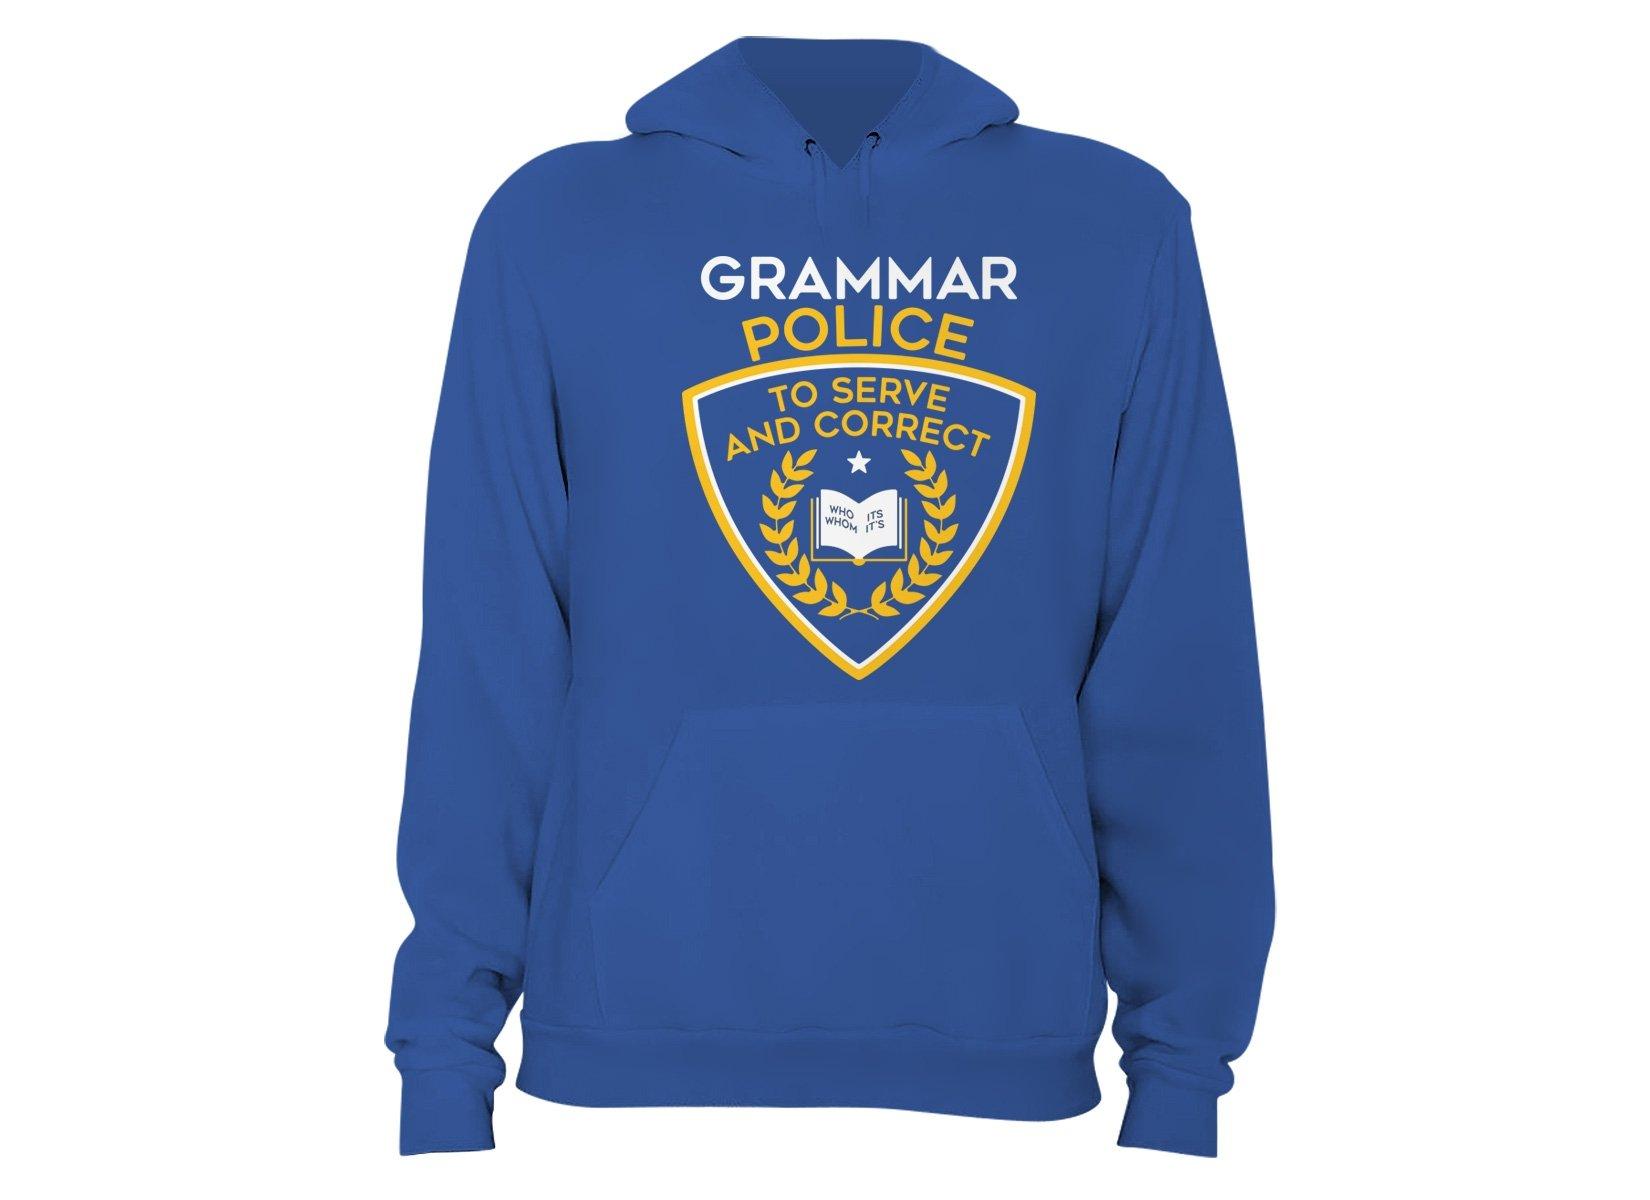 Grammar Police on Hoodie